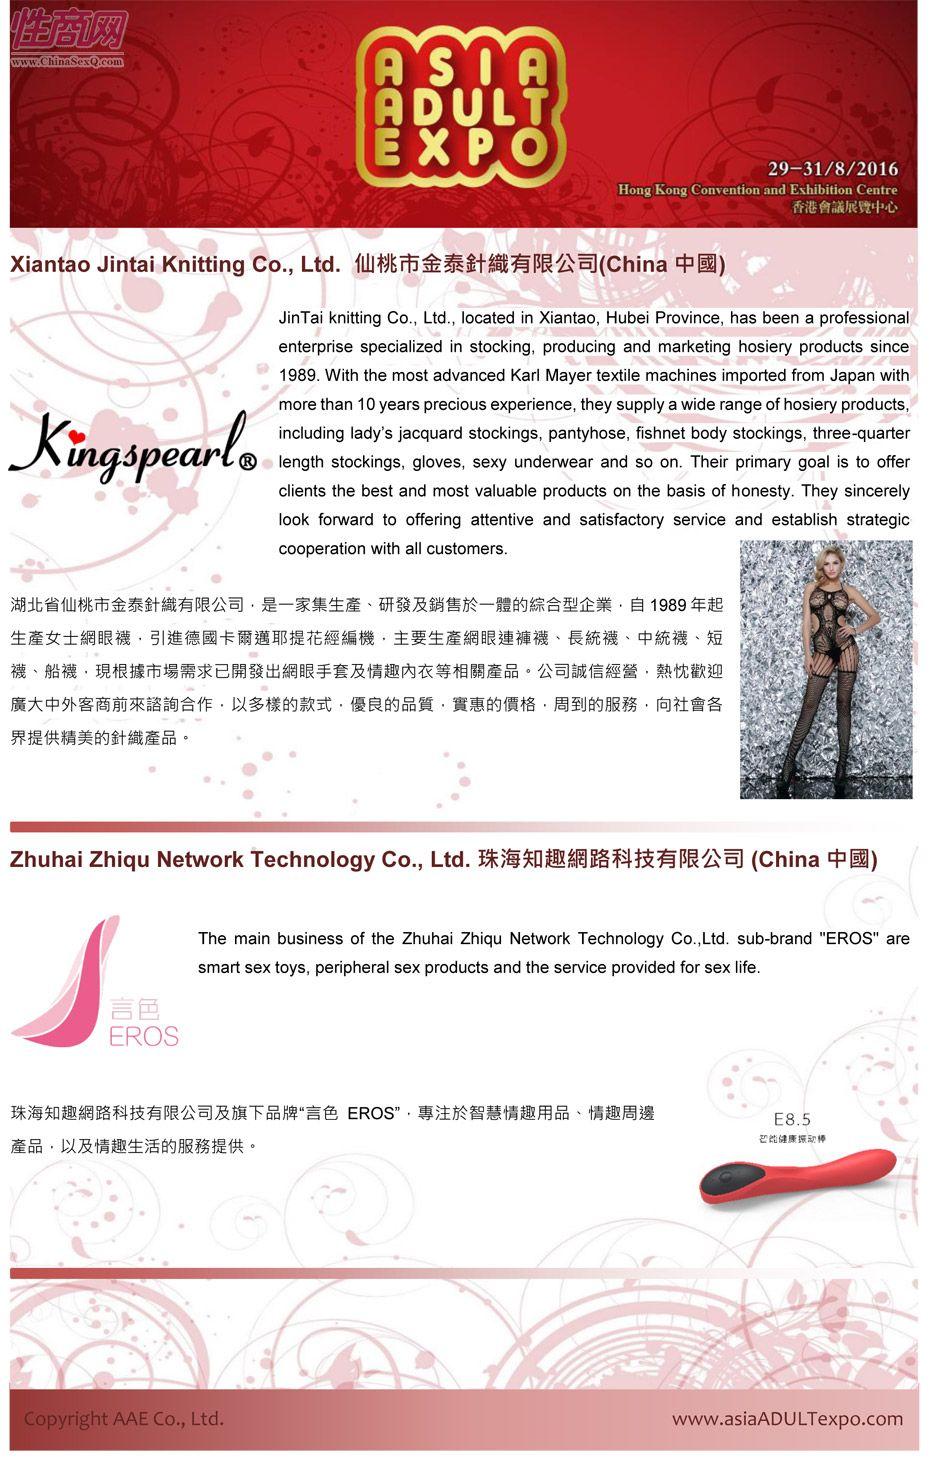 2016年亚洲成人博览AAE(香港)参展企业图片16